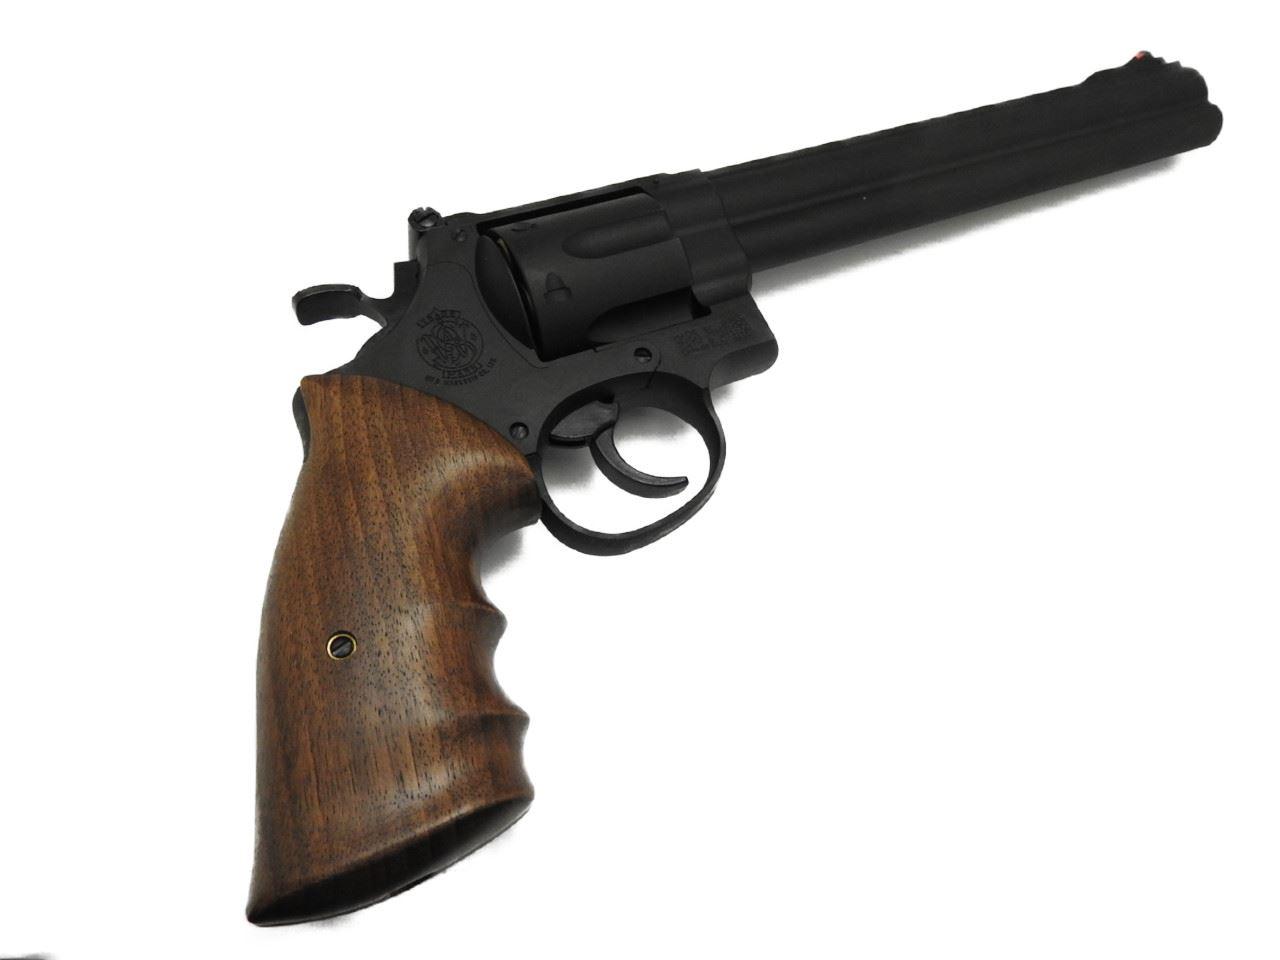 【エントリー全会員P10倍】 マルシン M29 8-3/8インチ ブラック HW 木製グリップ ガスガン ガスリボルバー クラシック エアガン 18歳以上